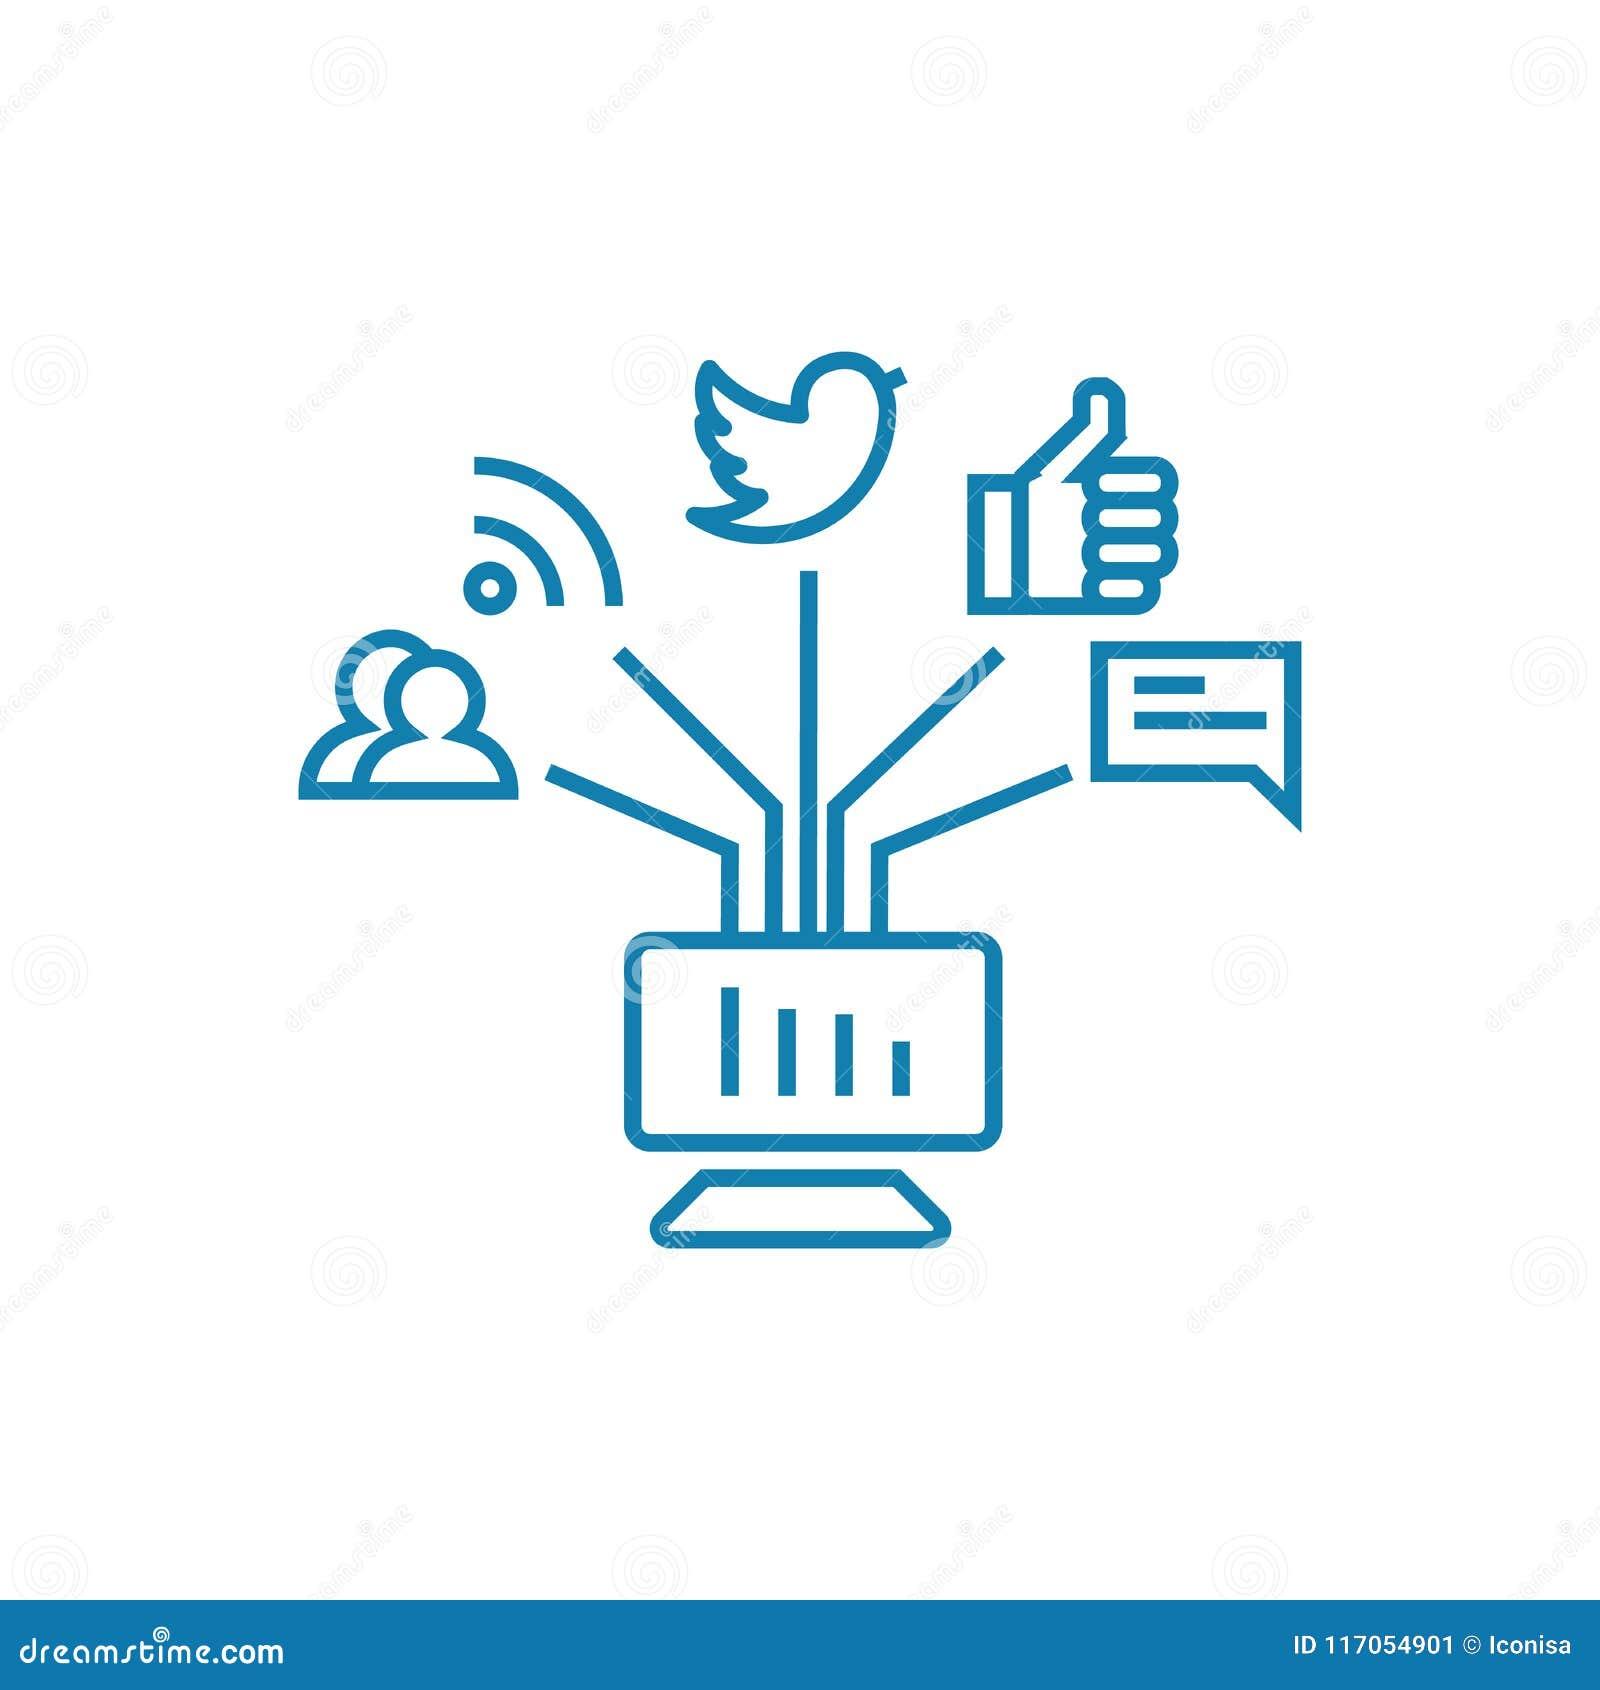 Mededeling in het sociale concept van het netwerken lineaire pictogram Mededeling in het sociale vectorteken van de netwerkenlijn